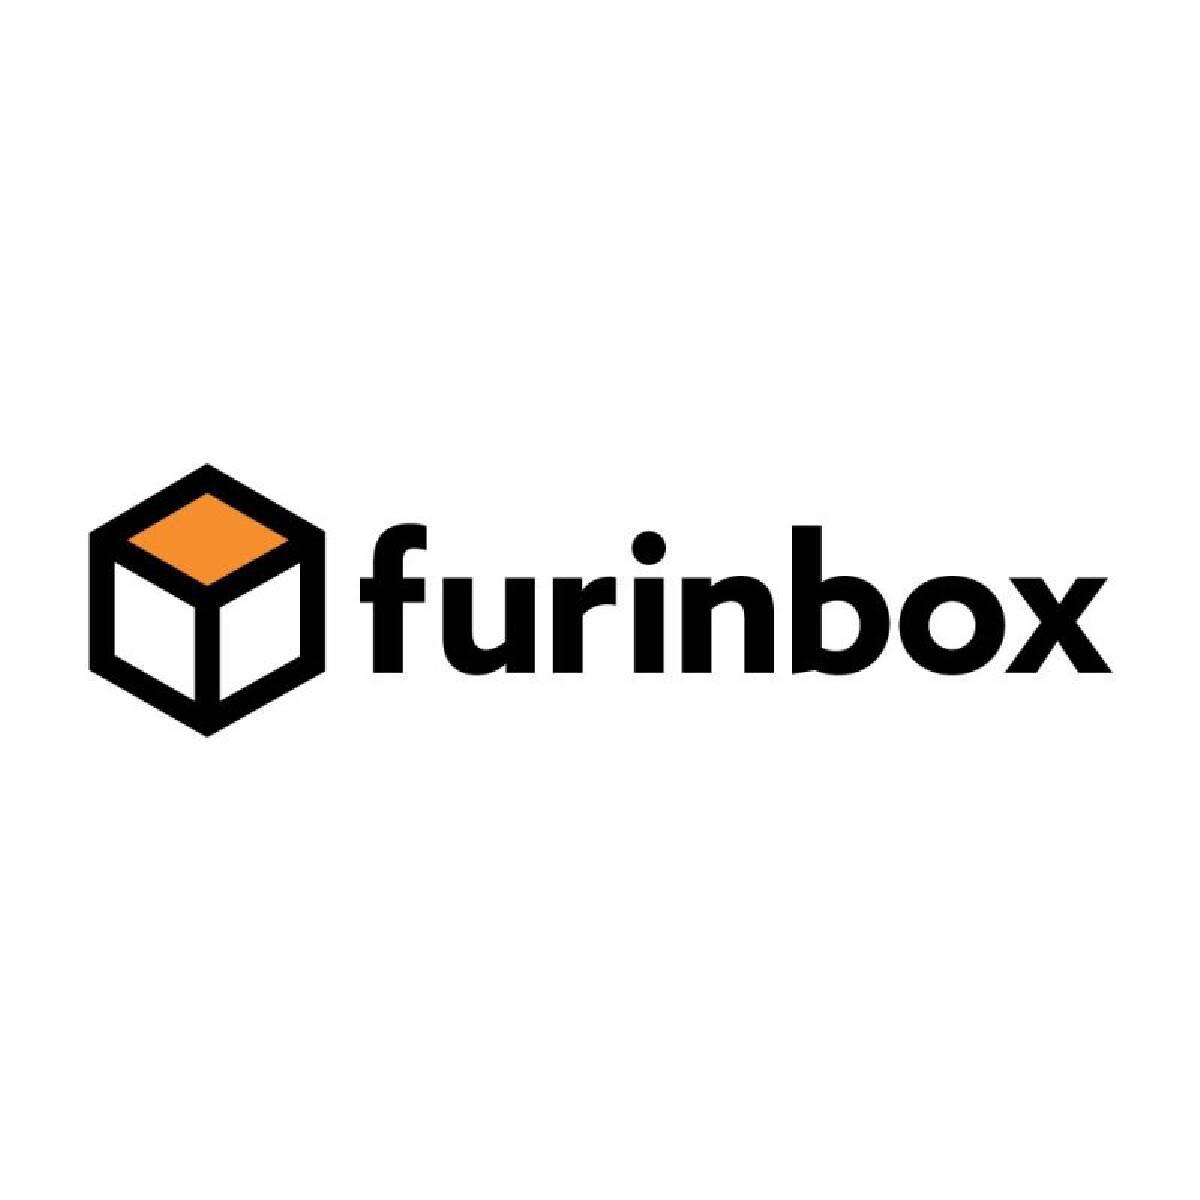 อินเด็กซ์ ผุด Furinbox ต่อยอดนวัตกรรมไอเดีย